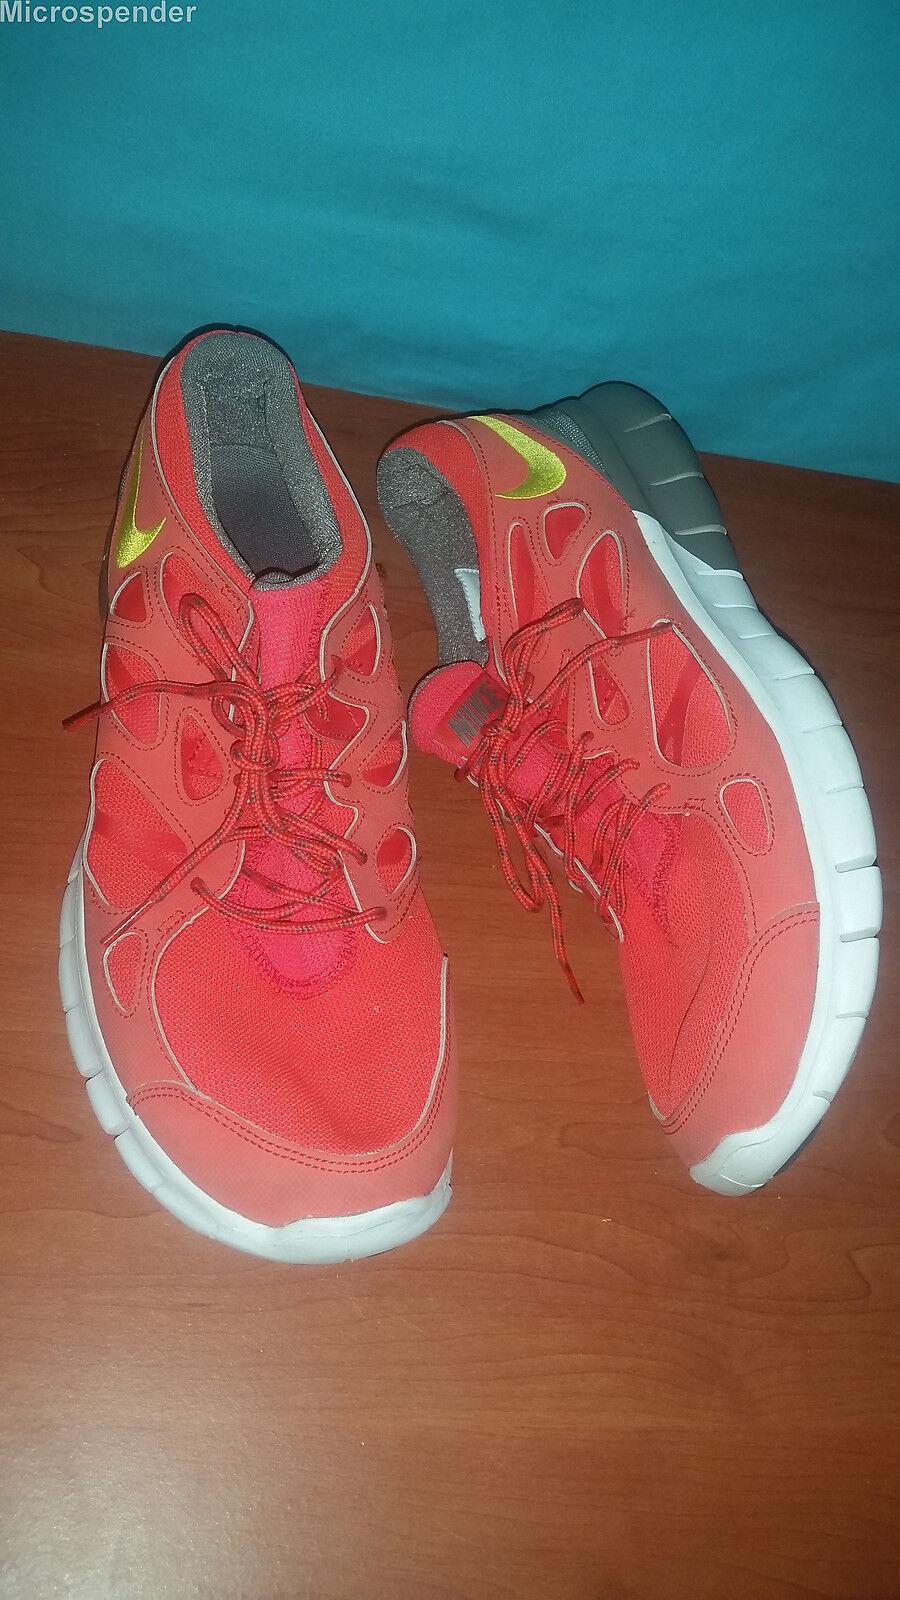 Nike freerun 2 tongueless männer blut orange 537732 laufschuhe männer tongueless ist groß. 06c833